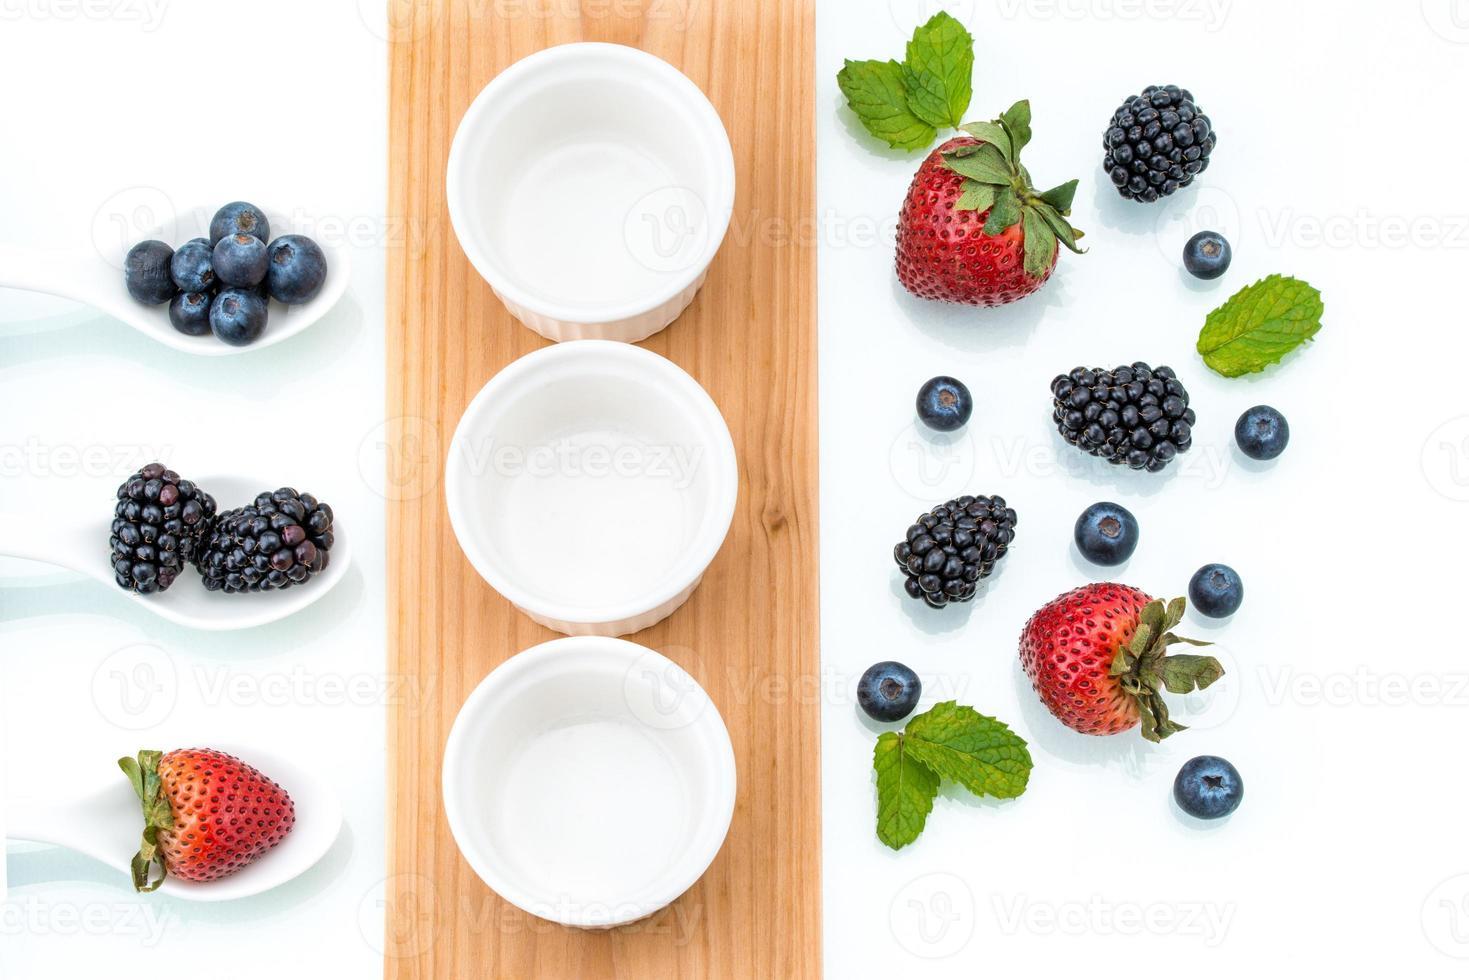 heerlijk fruit, bes, snack, gezond, dieet foto